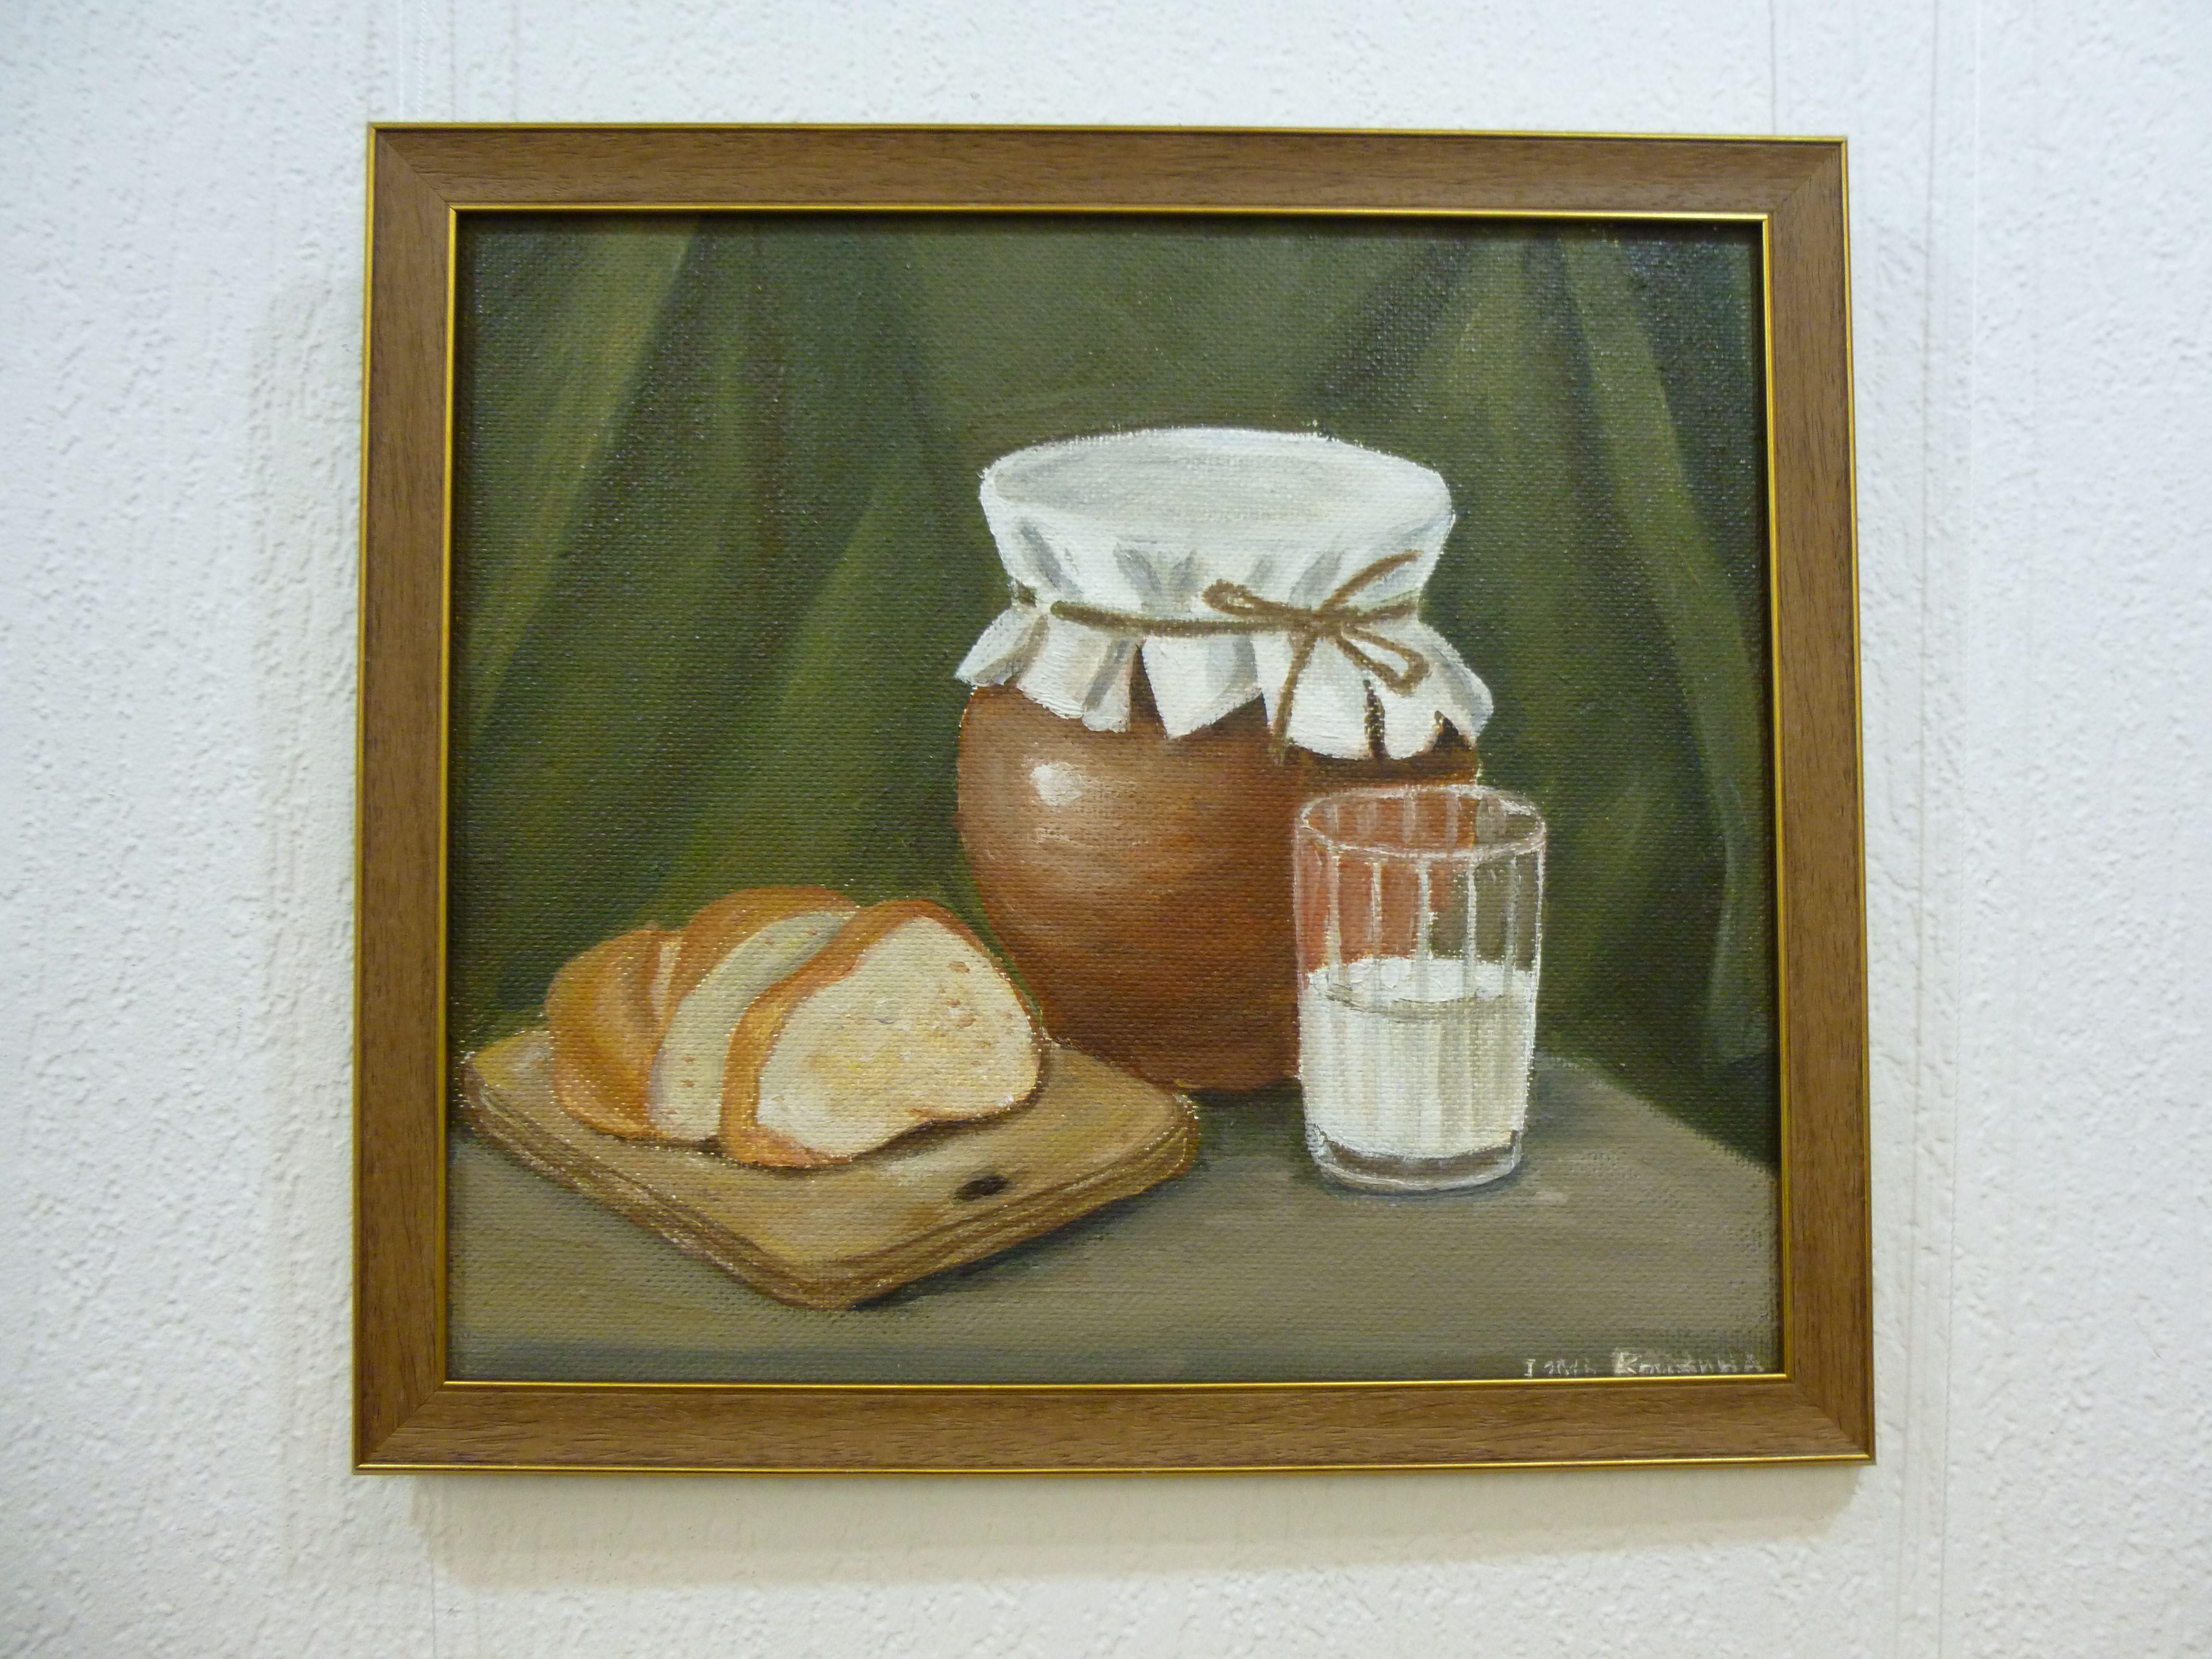 масло оргалит крынка хлеб картинамаслом деревня натюрморт деревенская стакан молоко тема уют